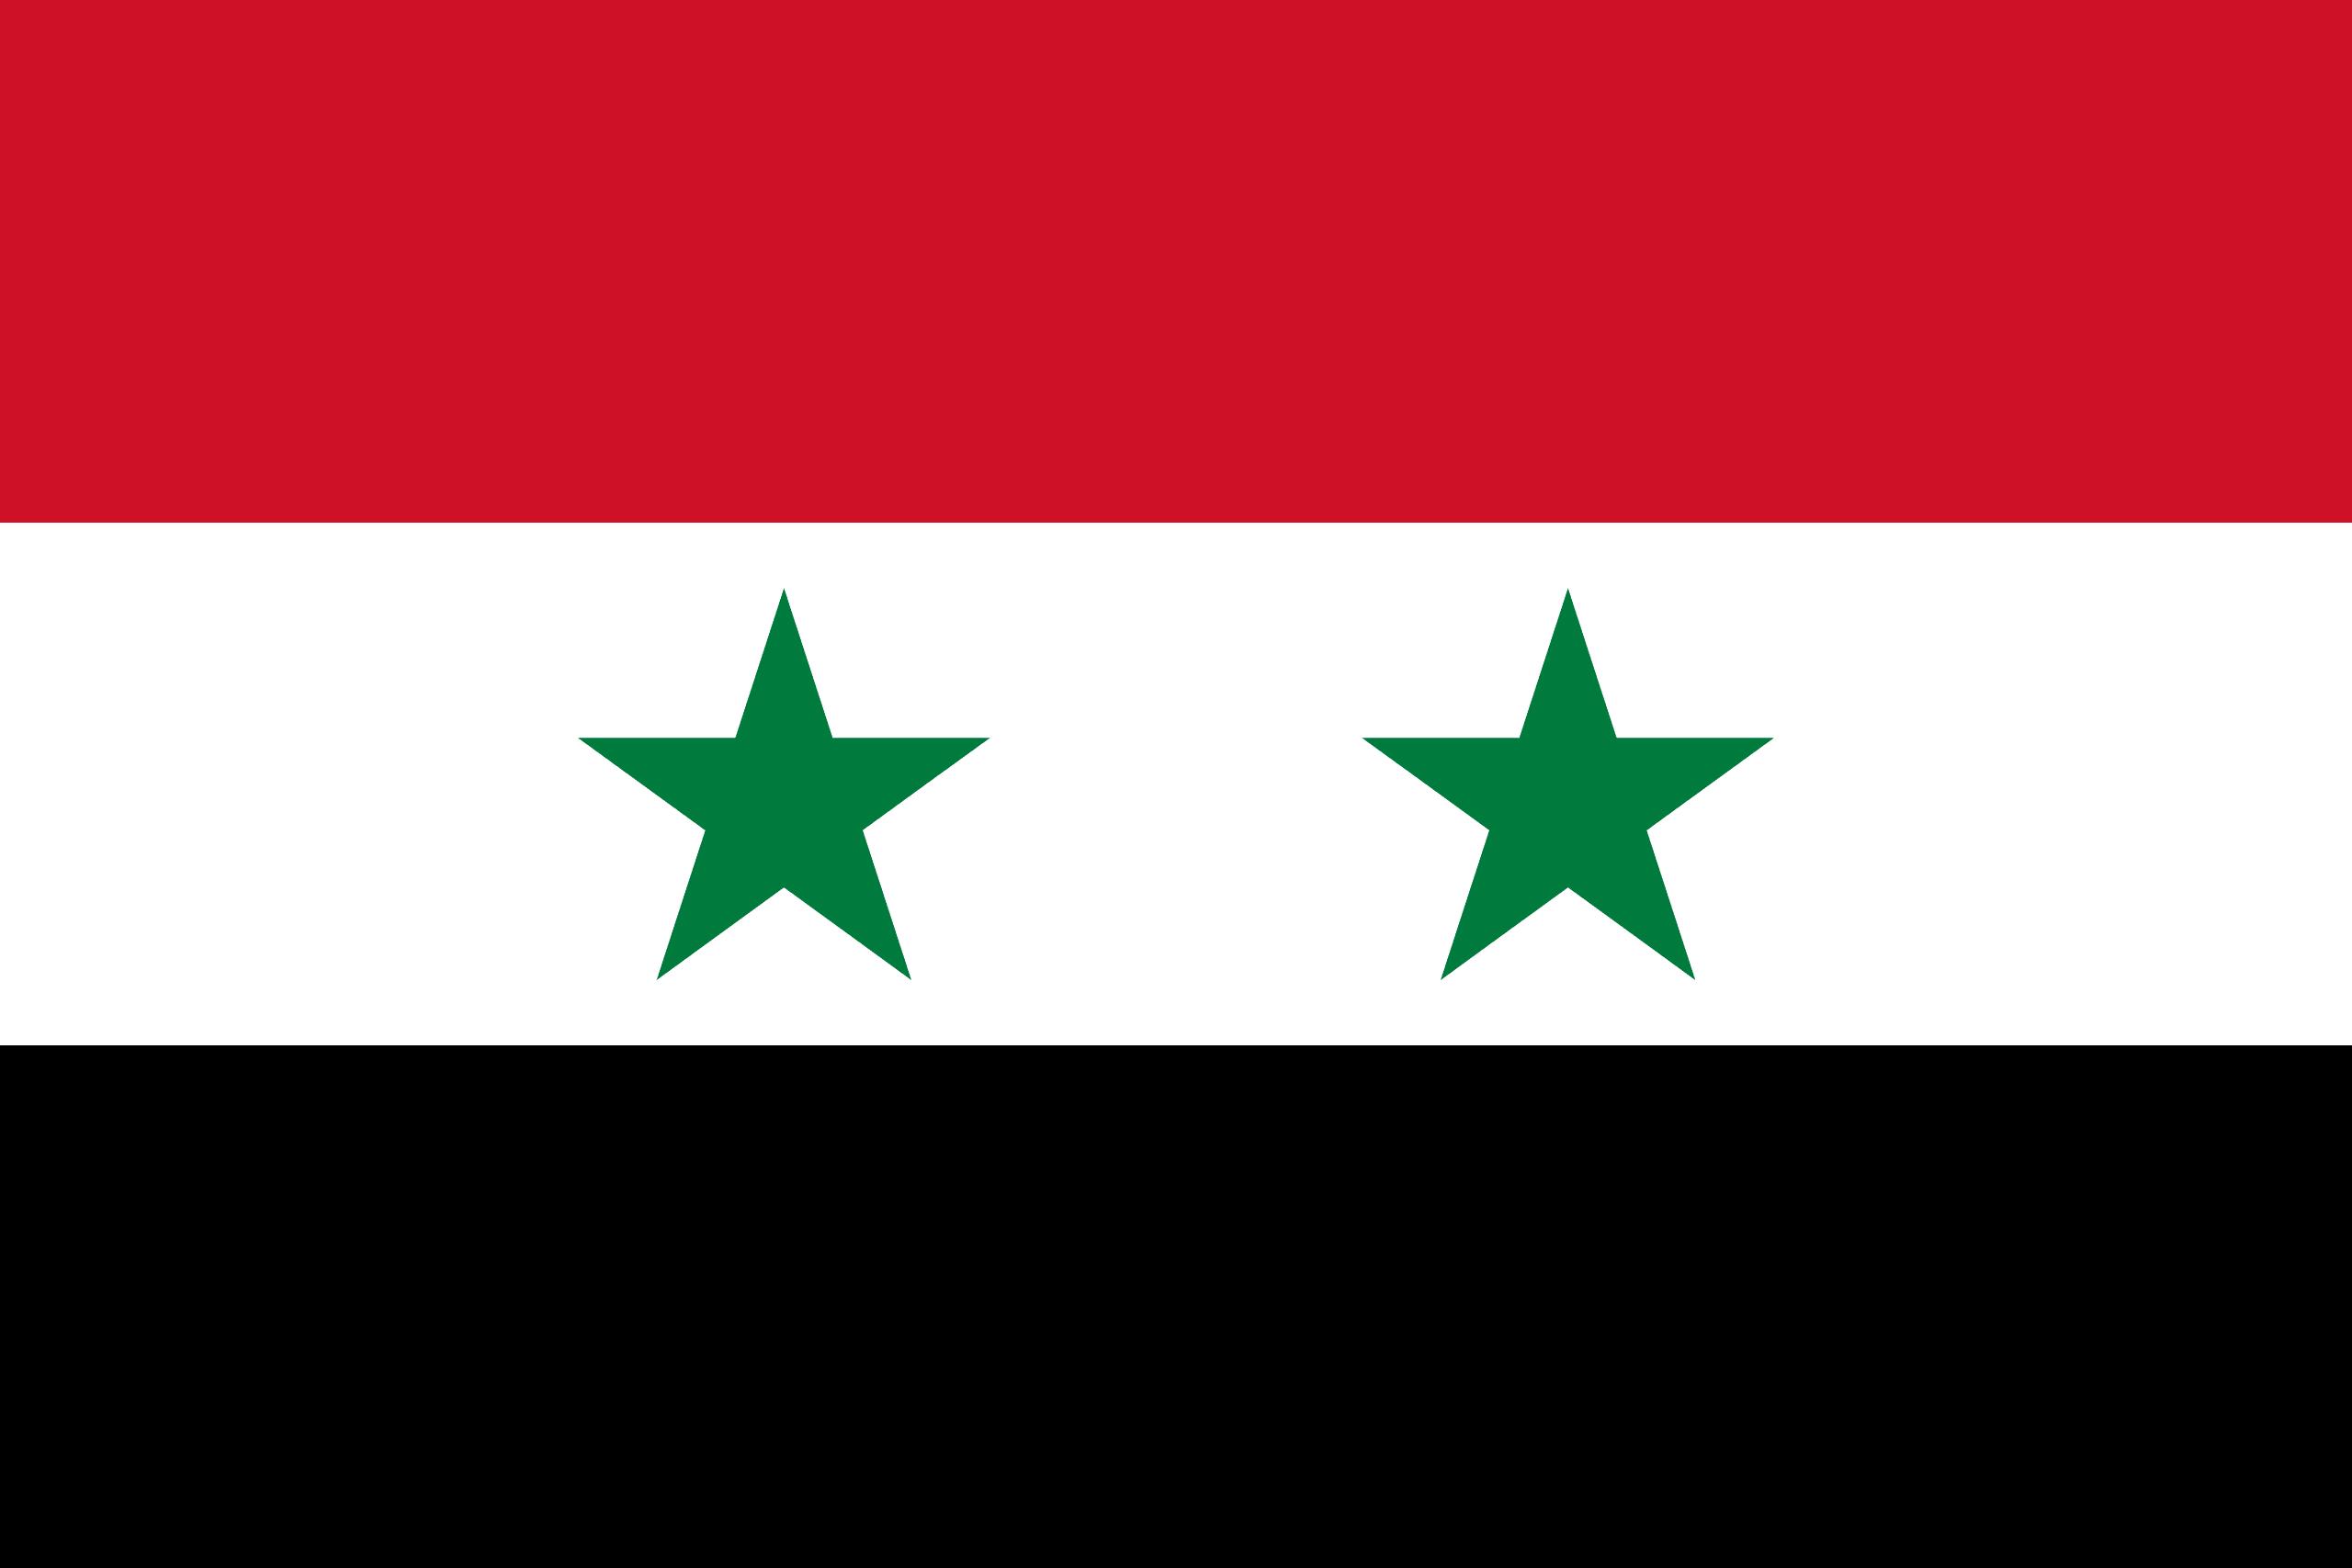 Suriye'nin Başkenti ve Para Birimi Nedir? Suriye'nin Bayrağı Nasıldır?